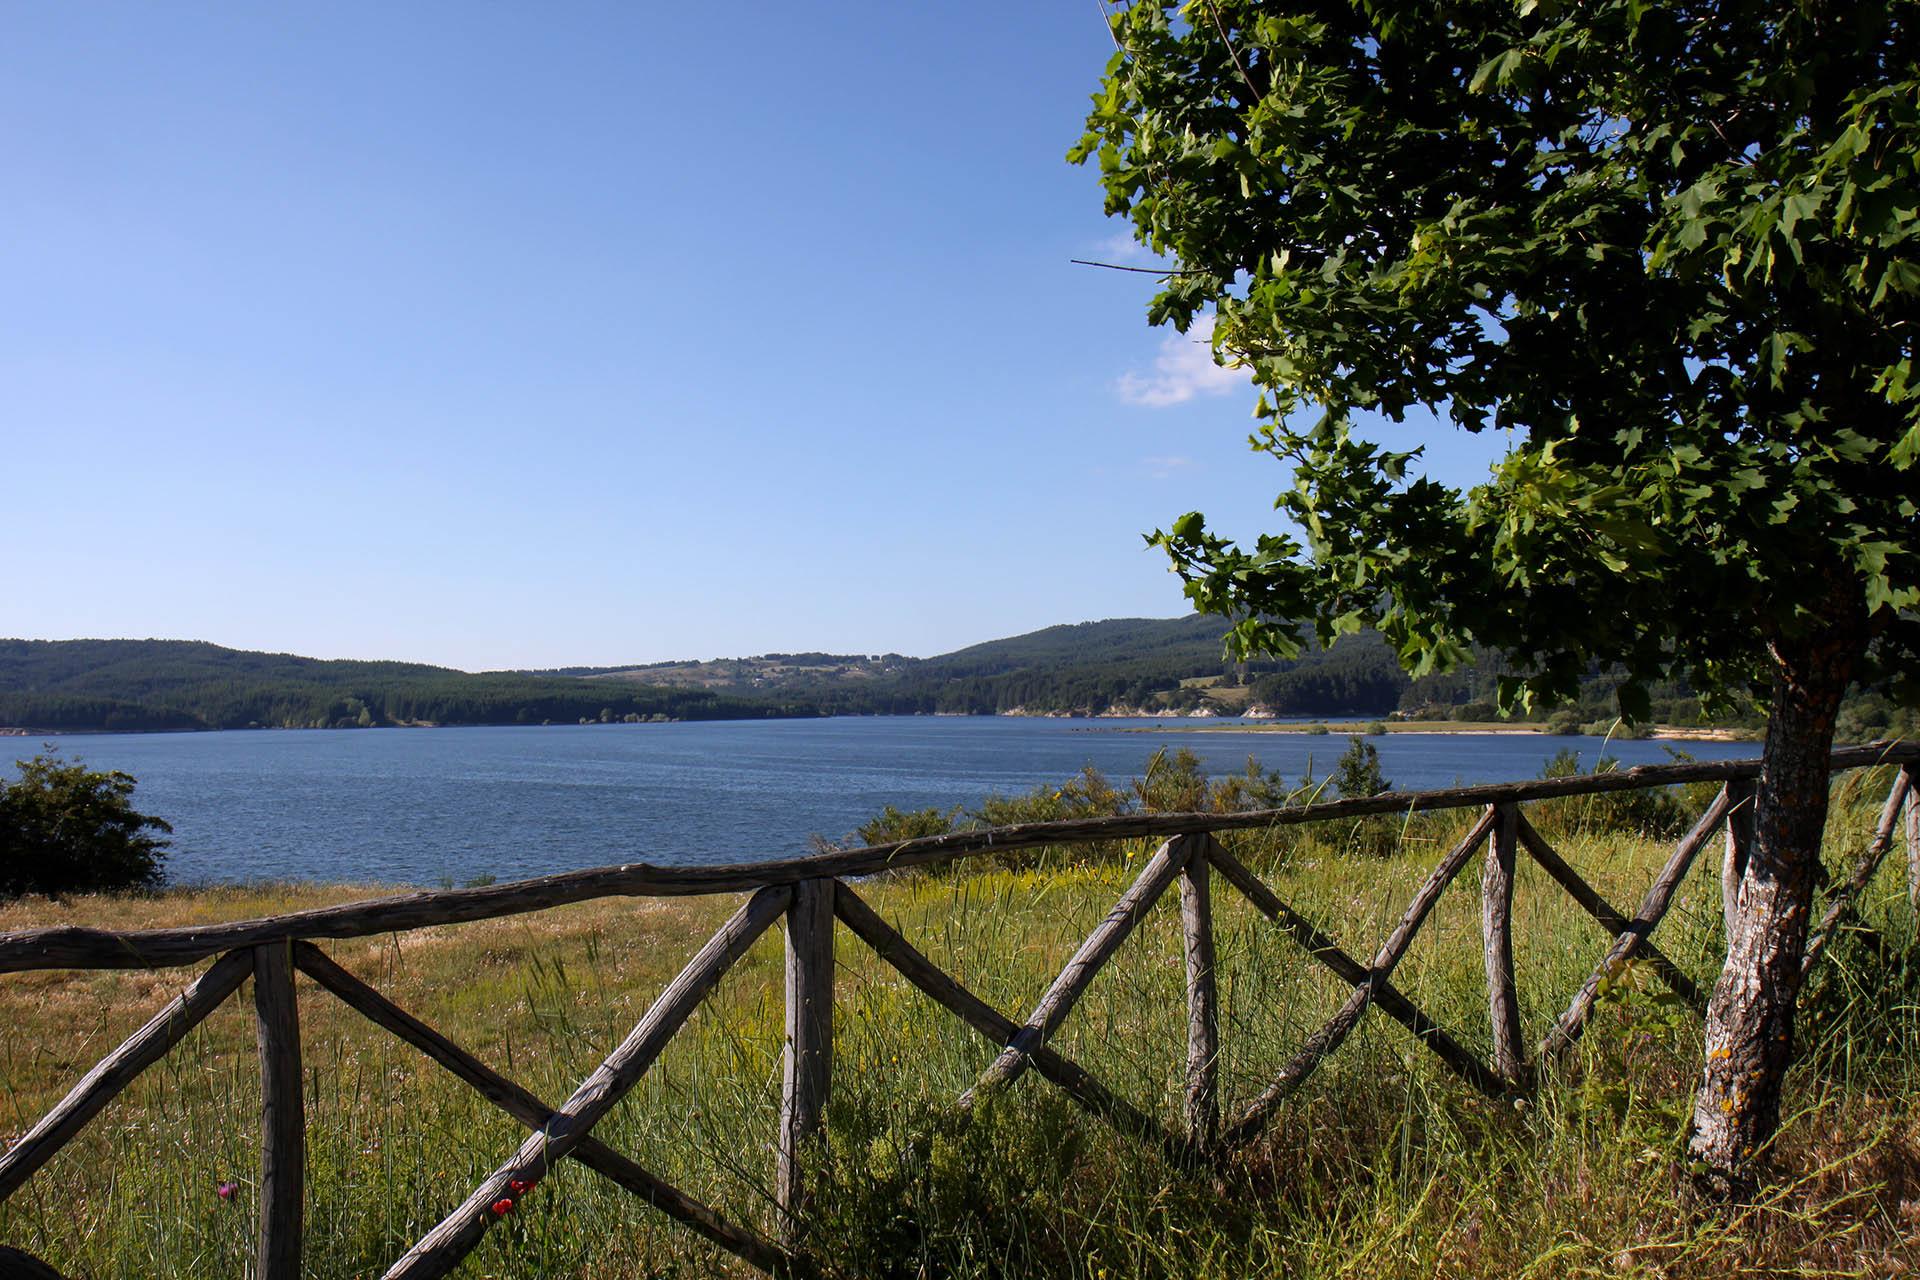 Provincia di Cosenza - Lago Cecita